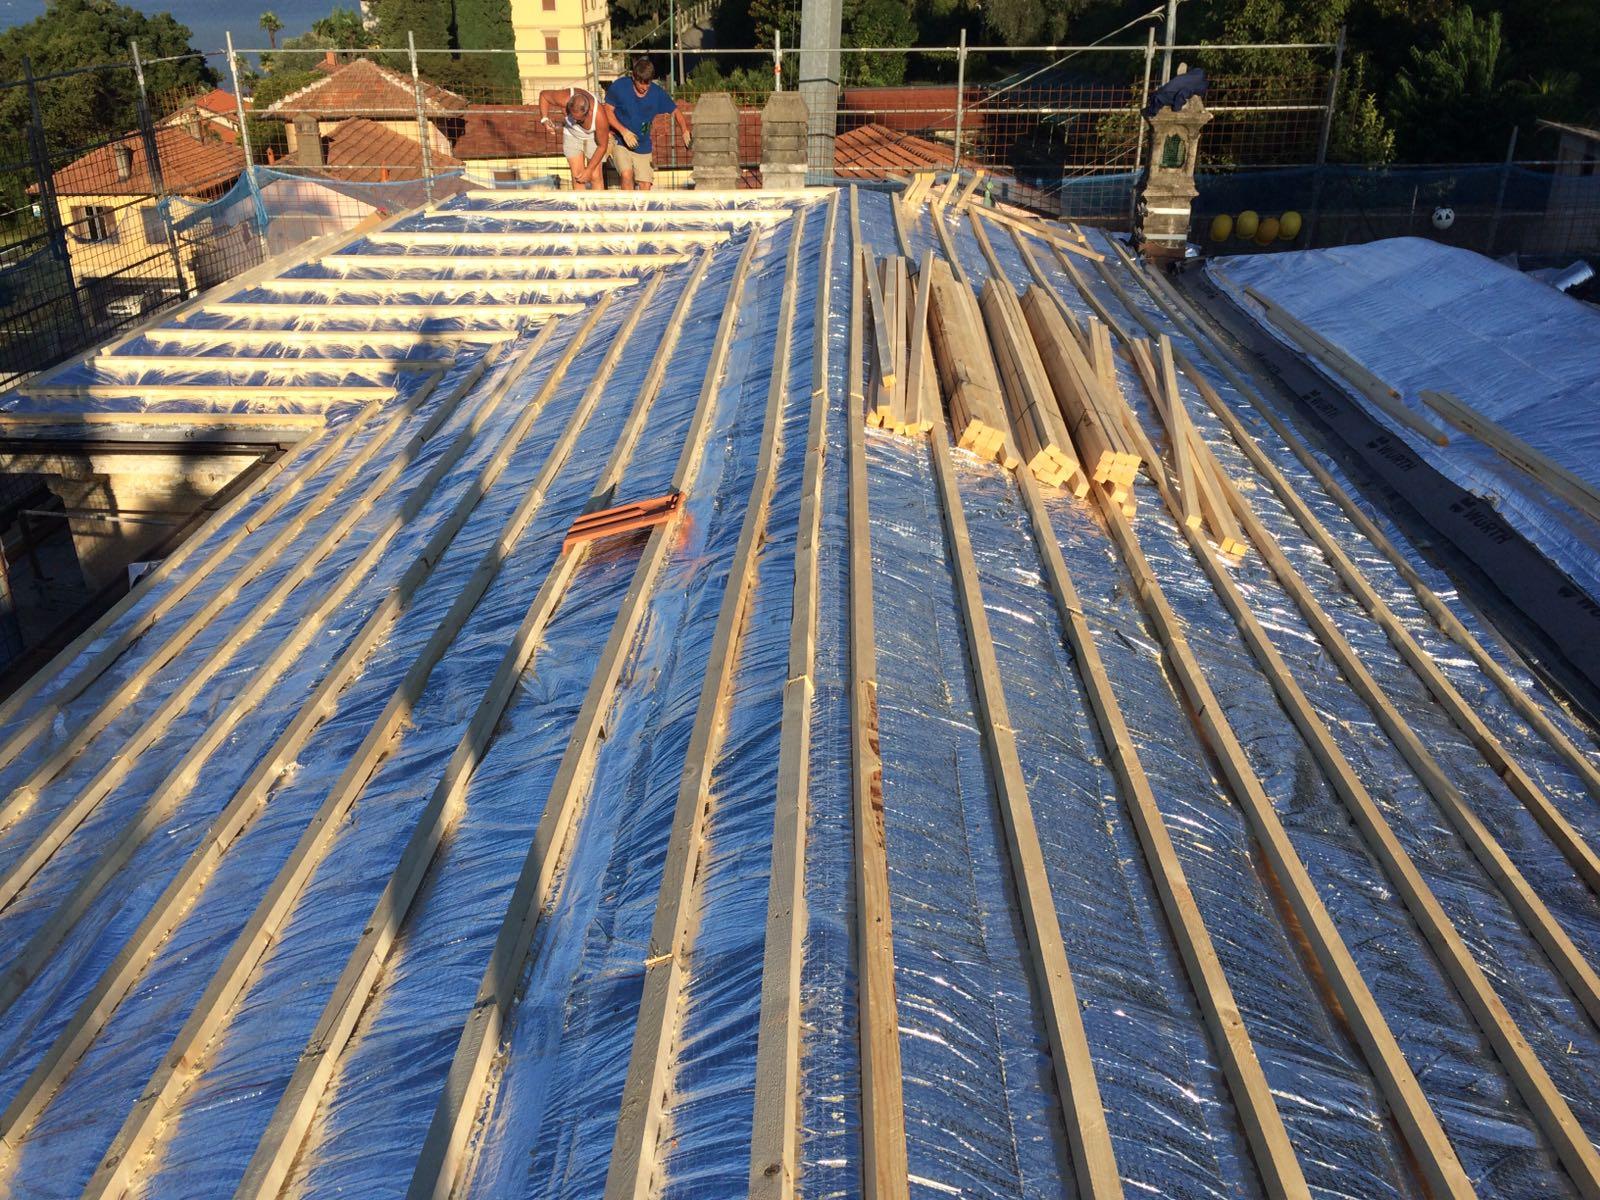 isolamento del tetto con delle travi di legno sopra